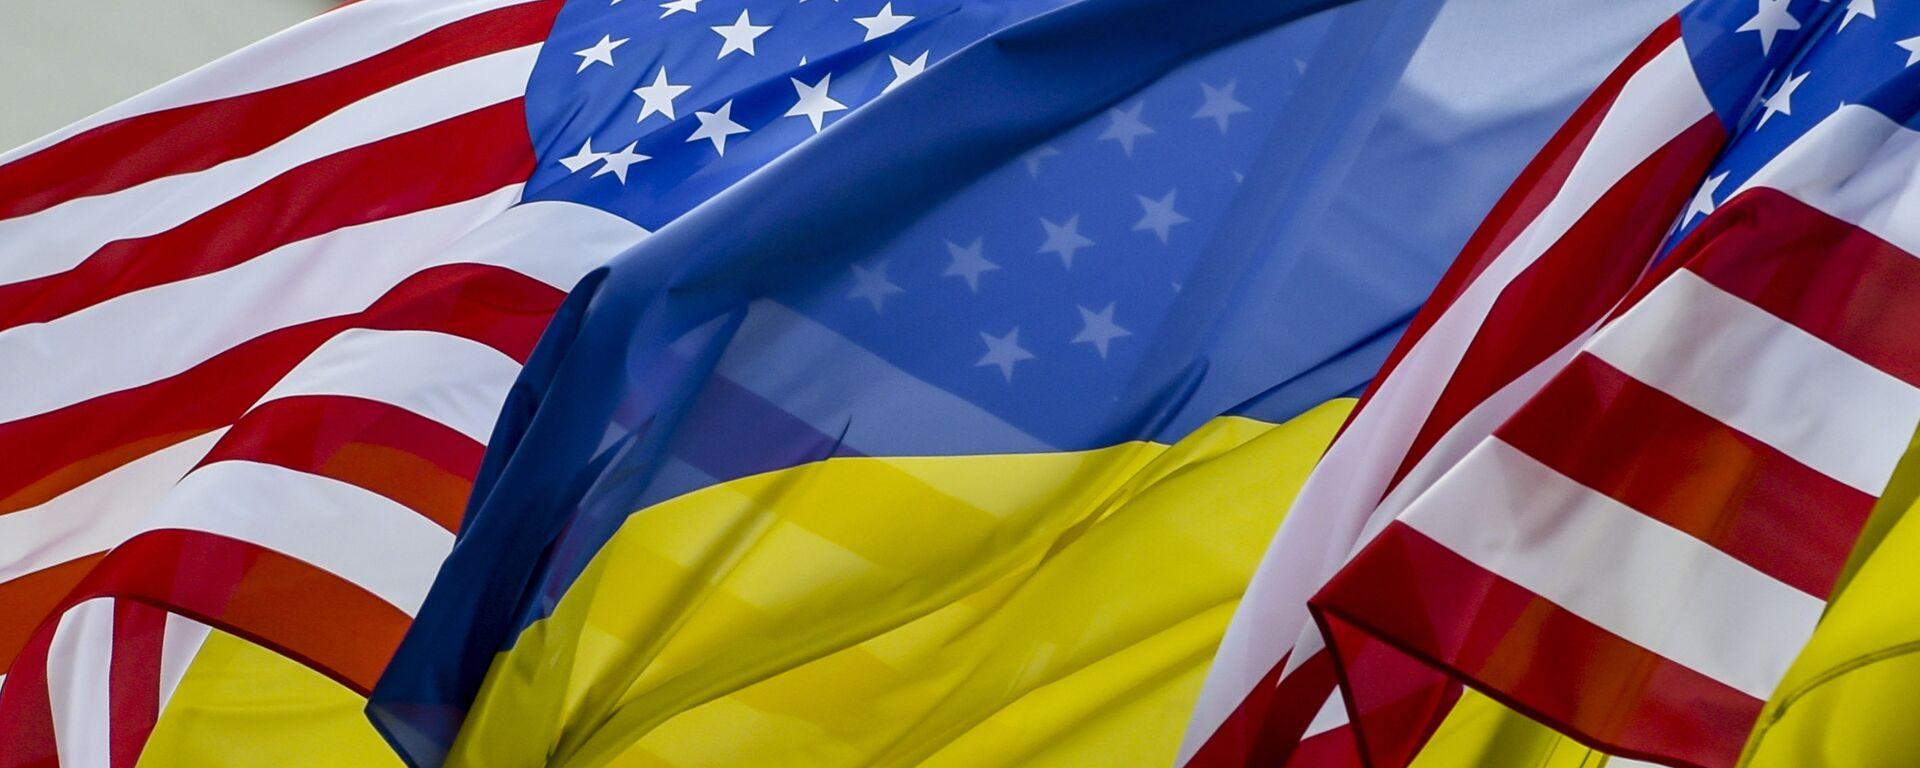 Флаги США и Украины - Sputnik Таджикистан, 1920, 16.06.2021